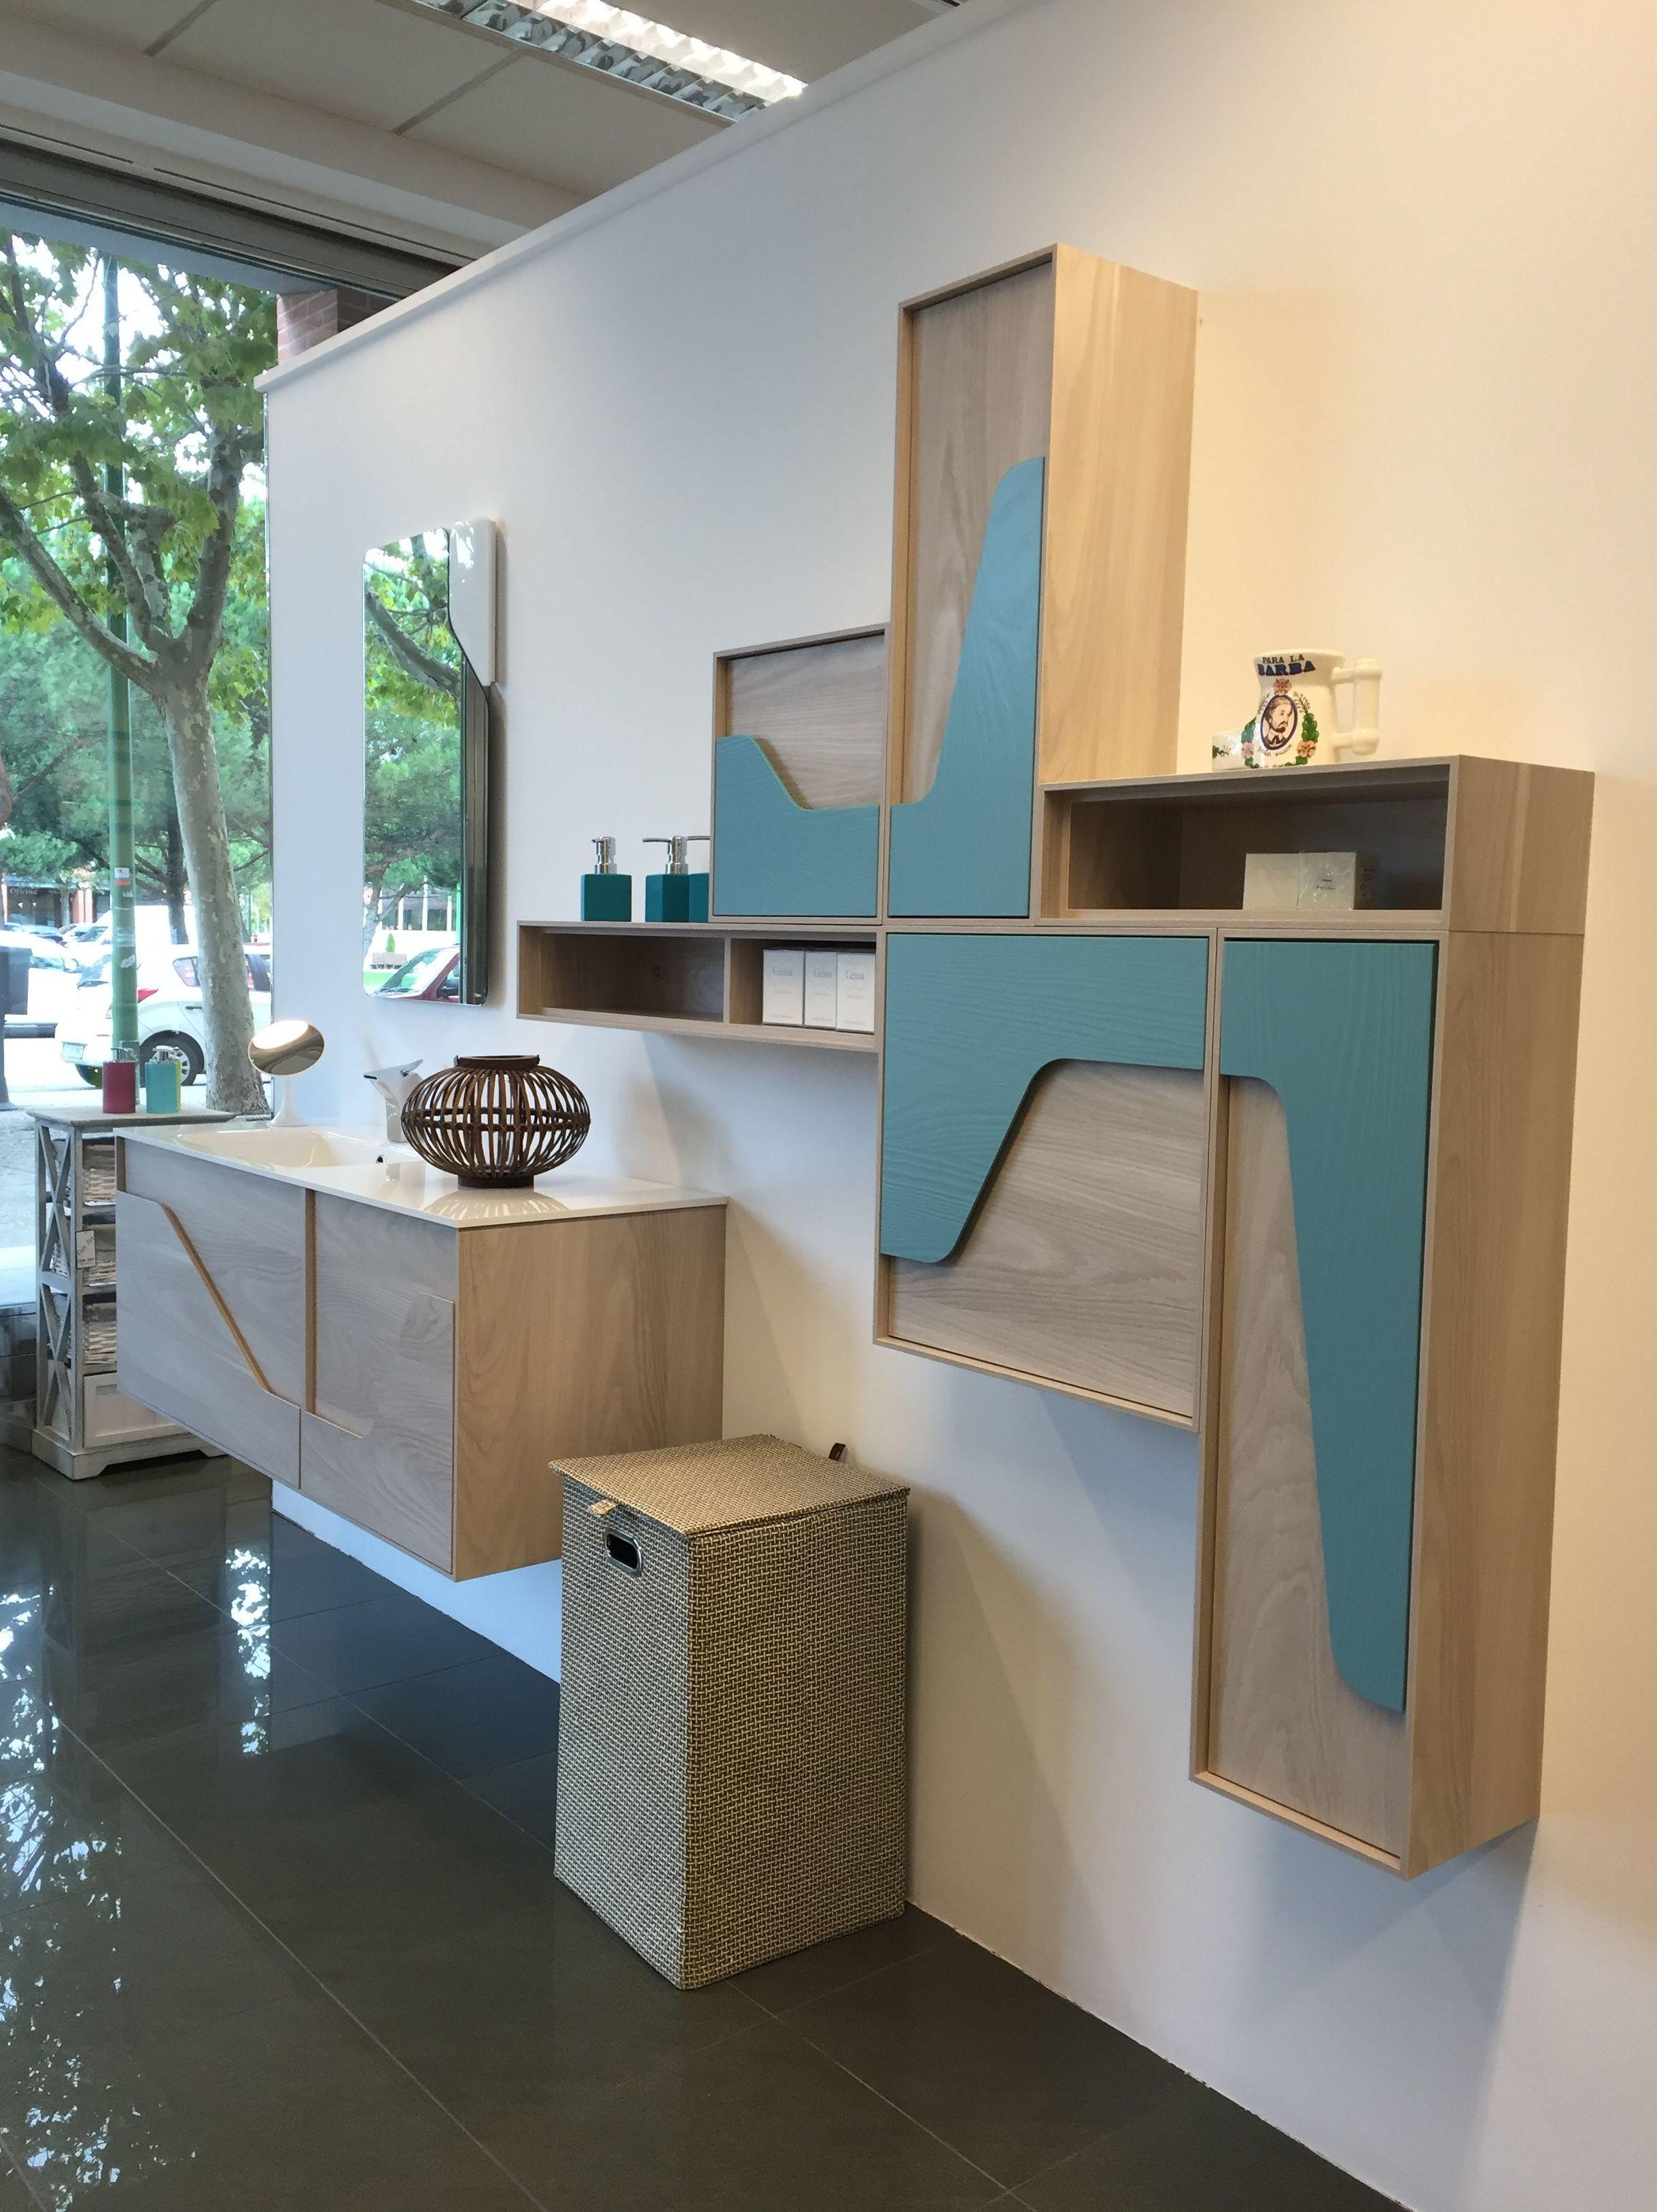 Foto 18 de muebles de ba o y cocina en burgos ferroplas for Muebles baratos burgos